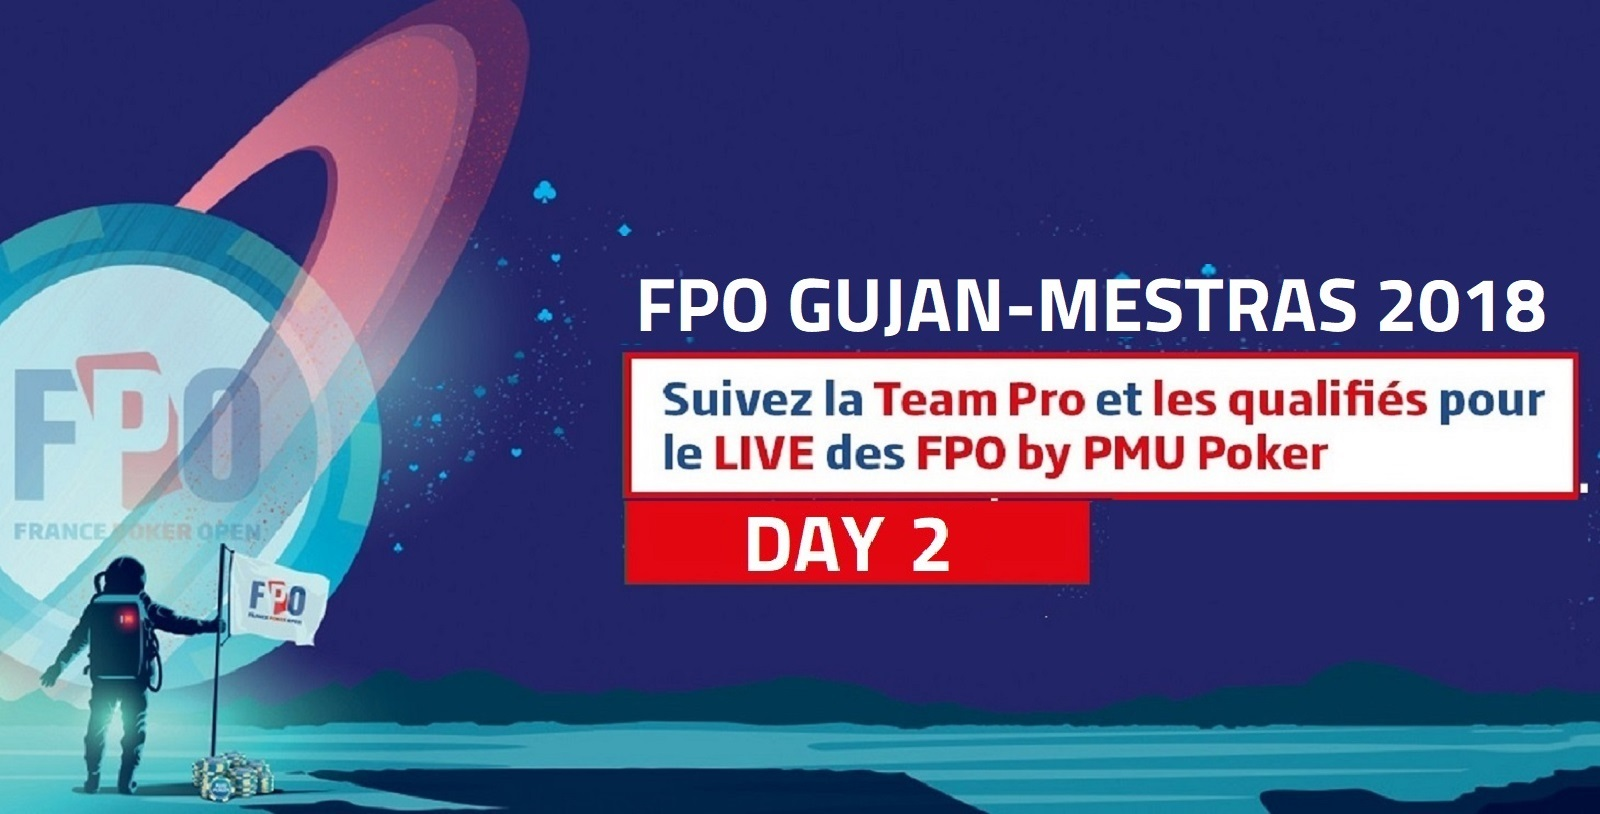 FPO Gujan: Retrouvez l'intégralité du coverage Day 2 ici!